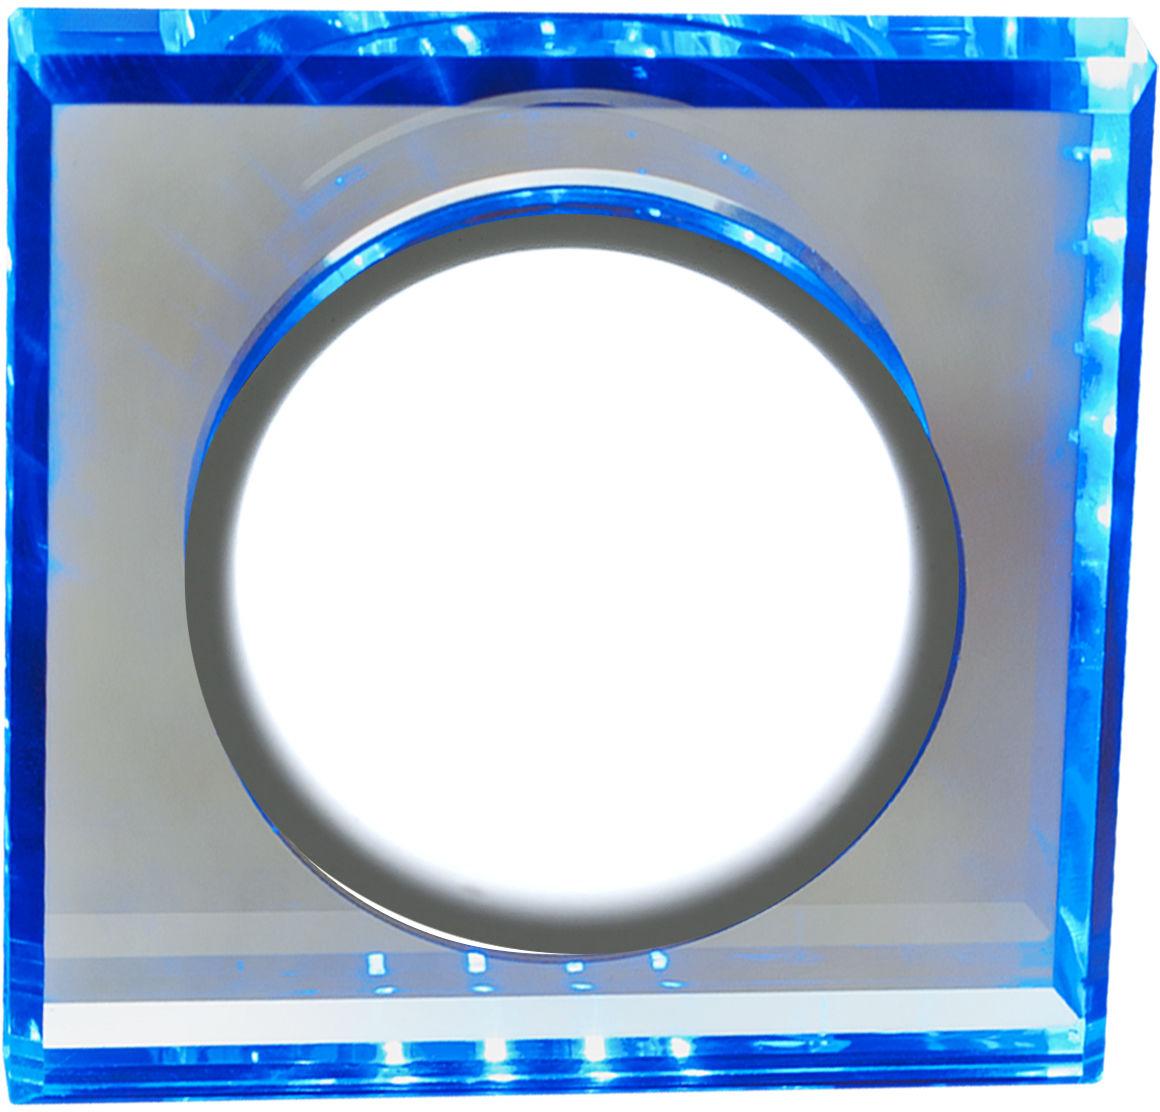 Candellux SSP-22 CH/TR+BL 2263892 oprawa do wbudowania stropowa 8W LED 230V ring LED niebieski oczko sufitowe kwadratowa szkło